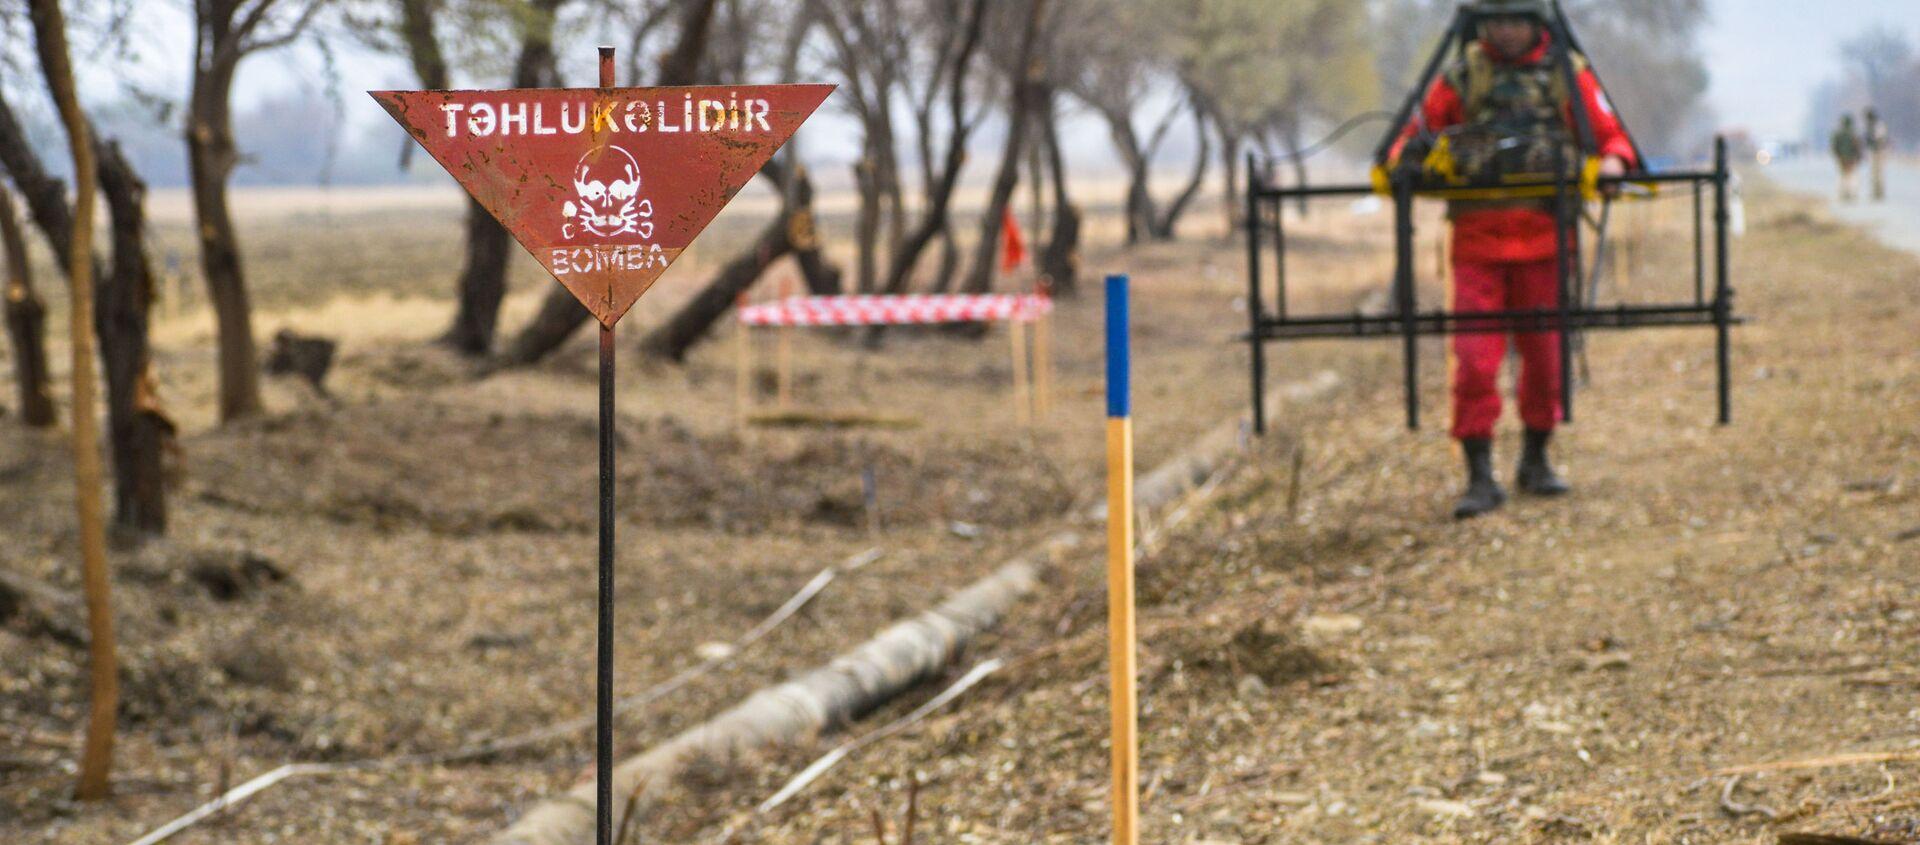 ANAMA əməkdaşları Saloğlu kəndində - Sputnik Азербайджан, 1920, 29.01.2021